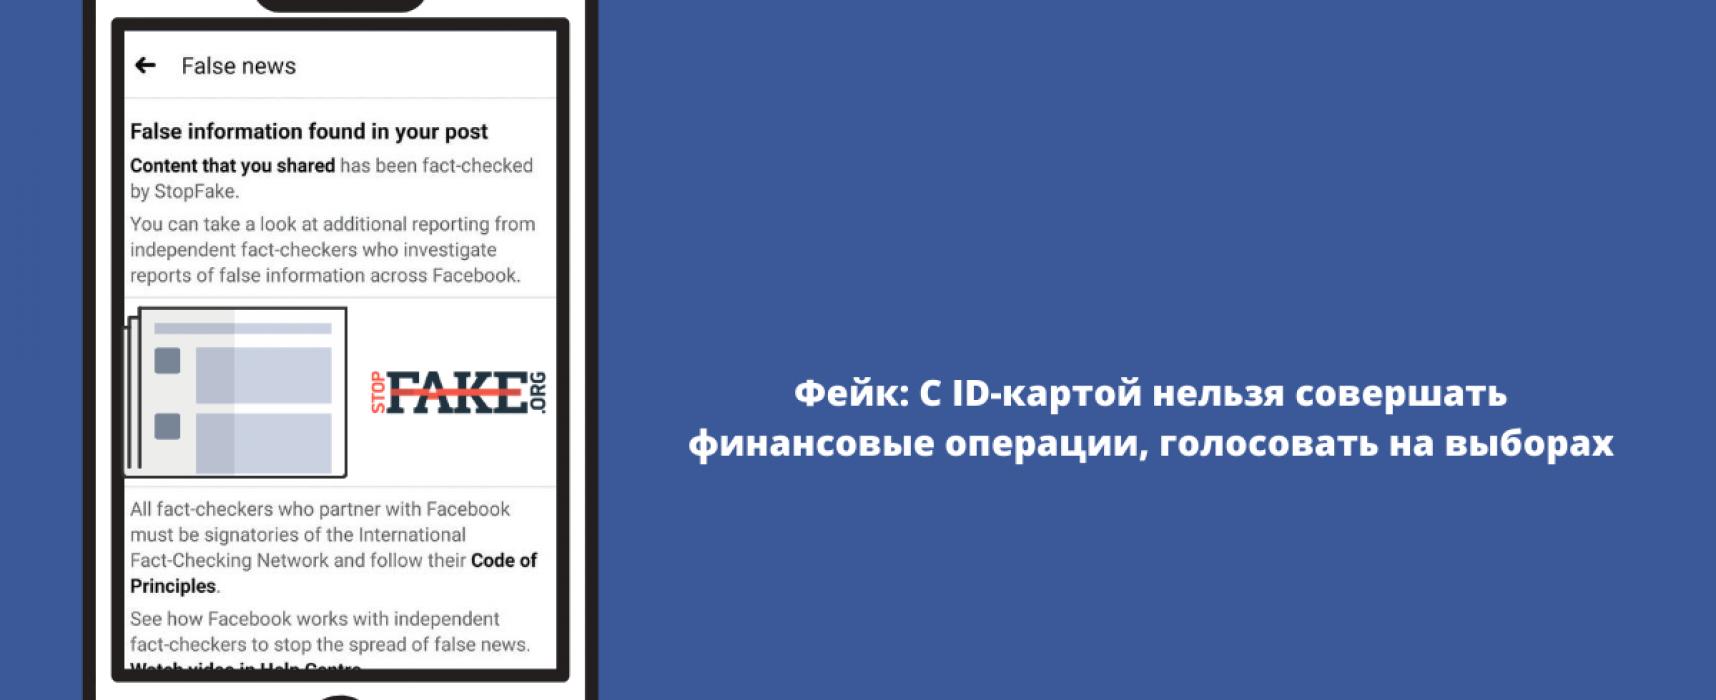 Фейк: С ID-картой нельзя совершать финансовые операции, голосовать на выборах